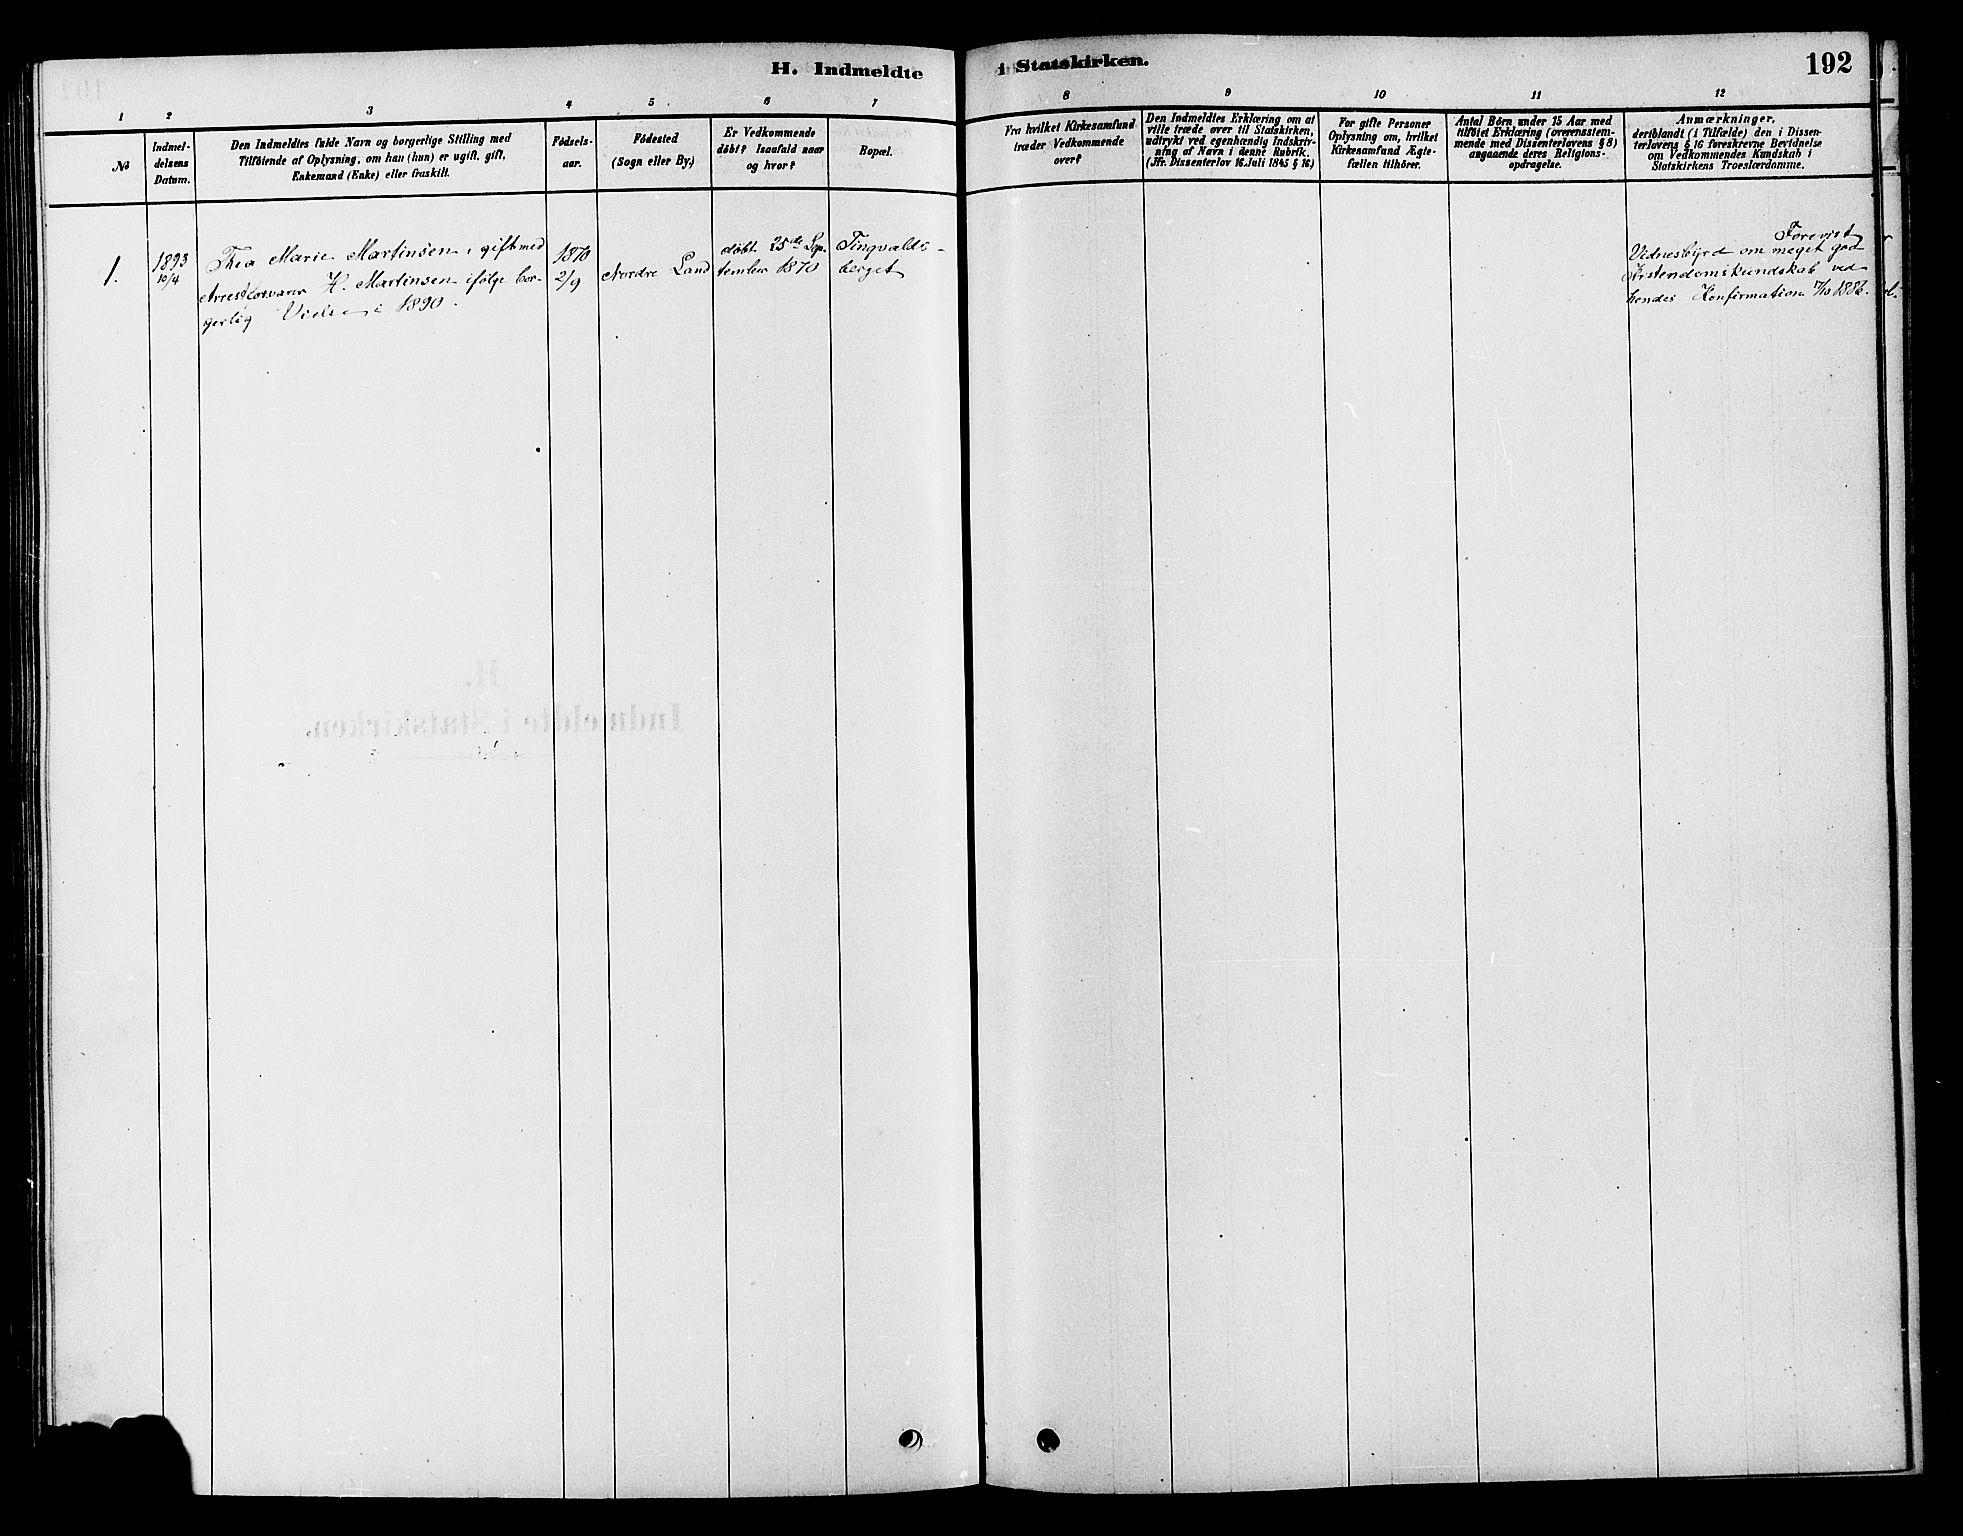 SAH, Søndre Land prestekontor, K/L0002: Ministerialbok nr. 2, 1878-1894, s. 192